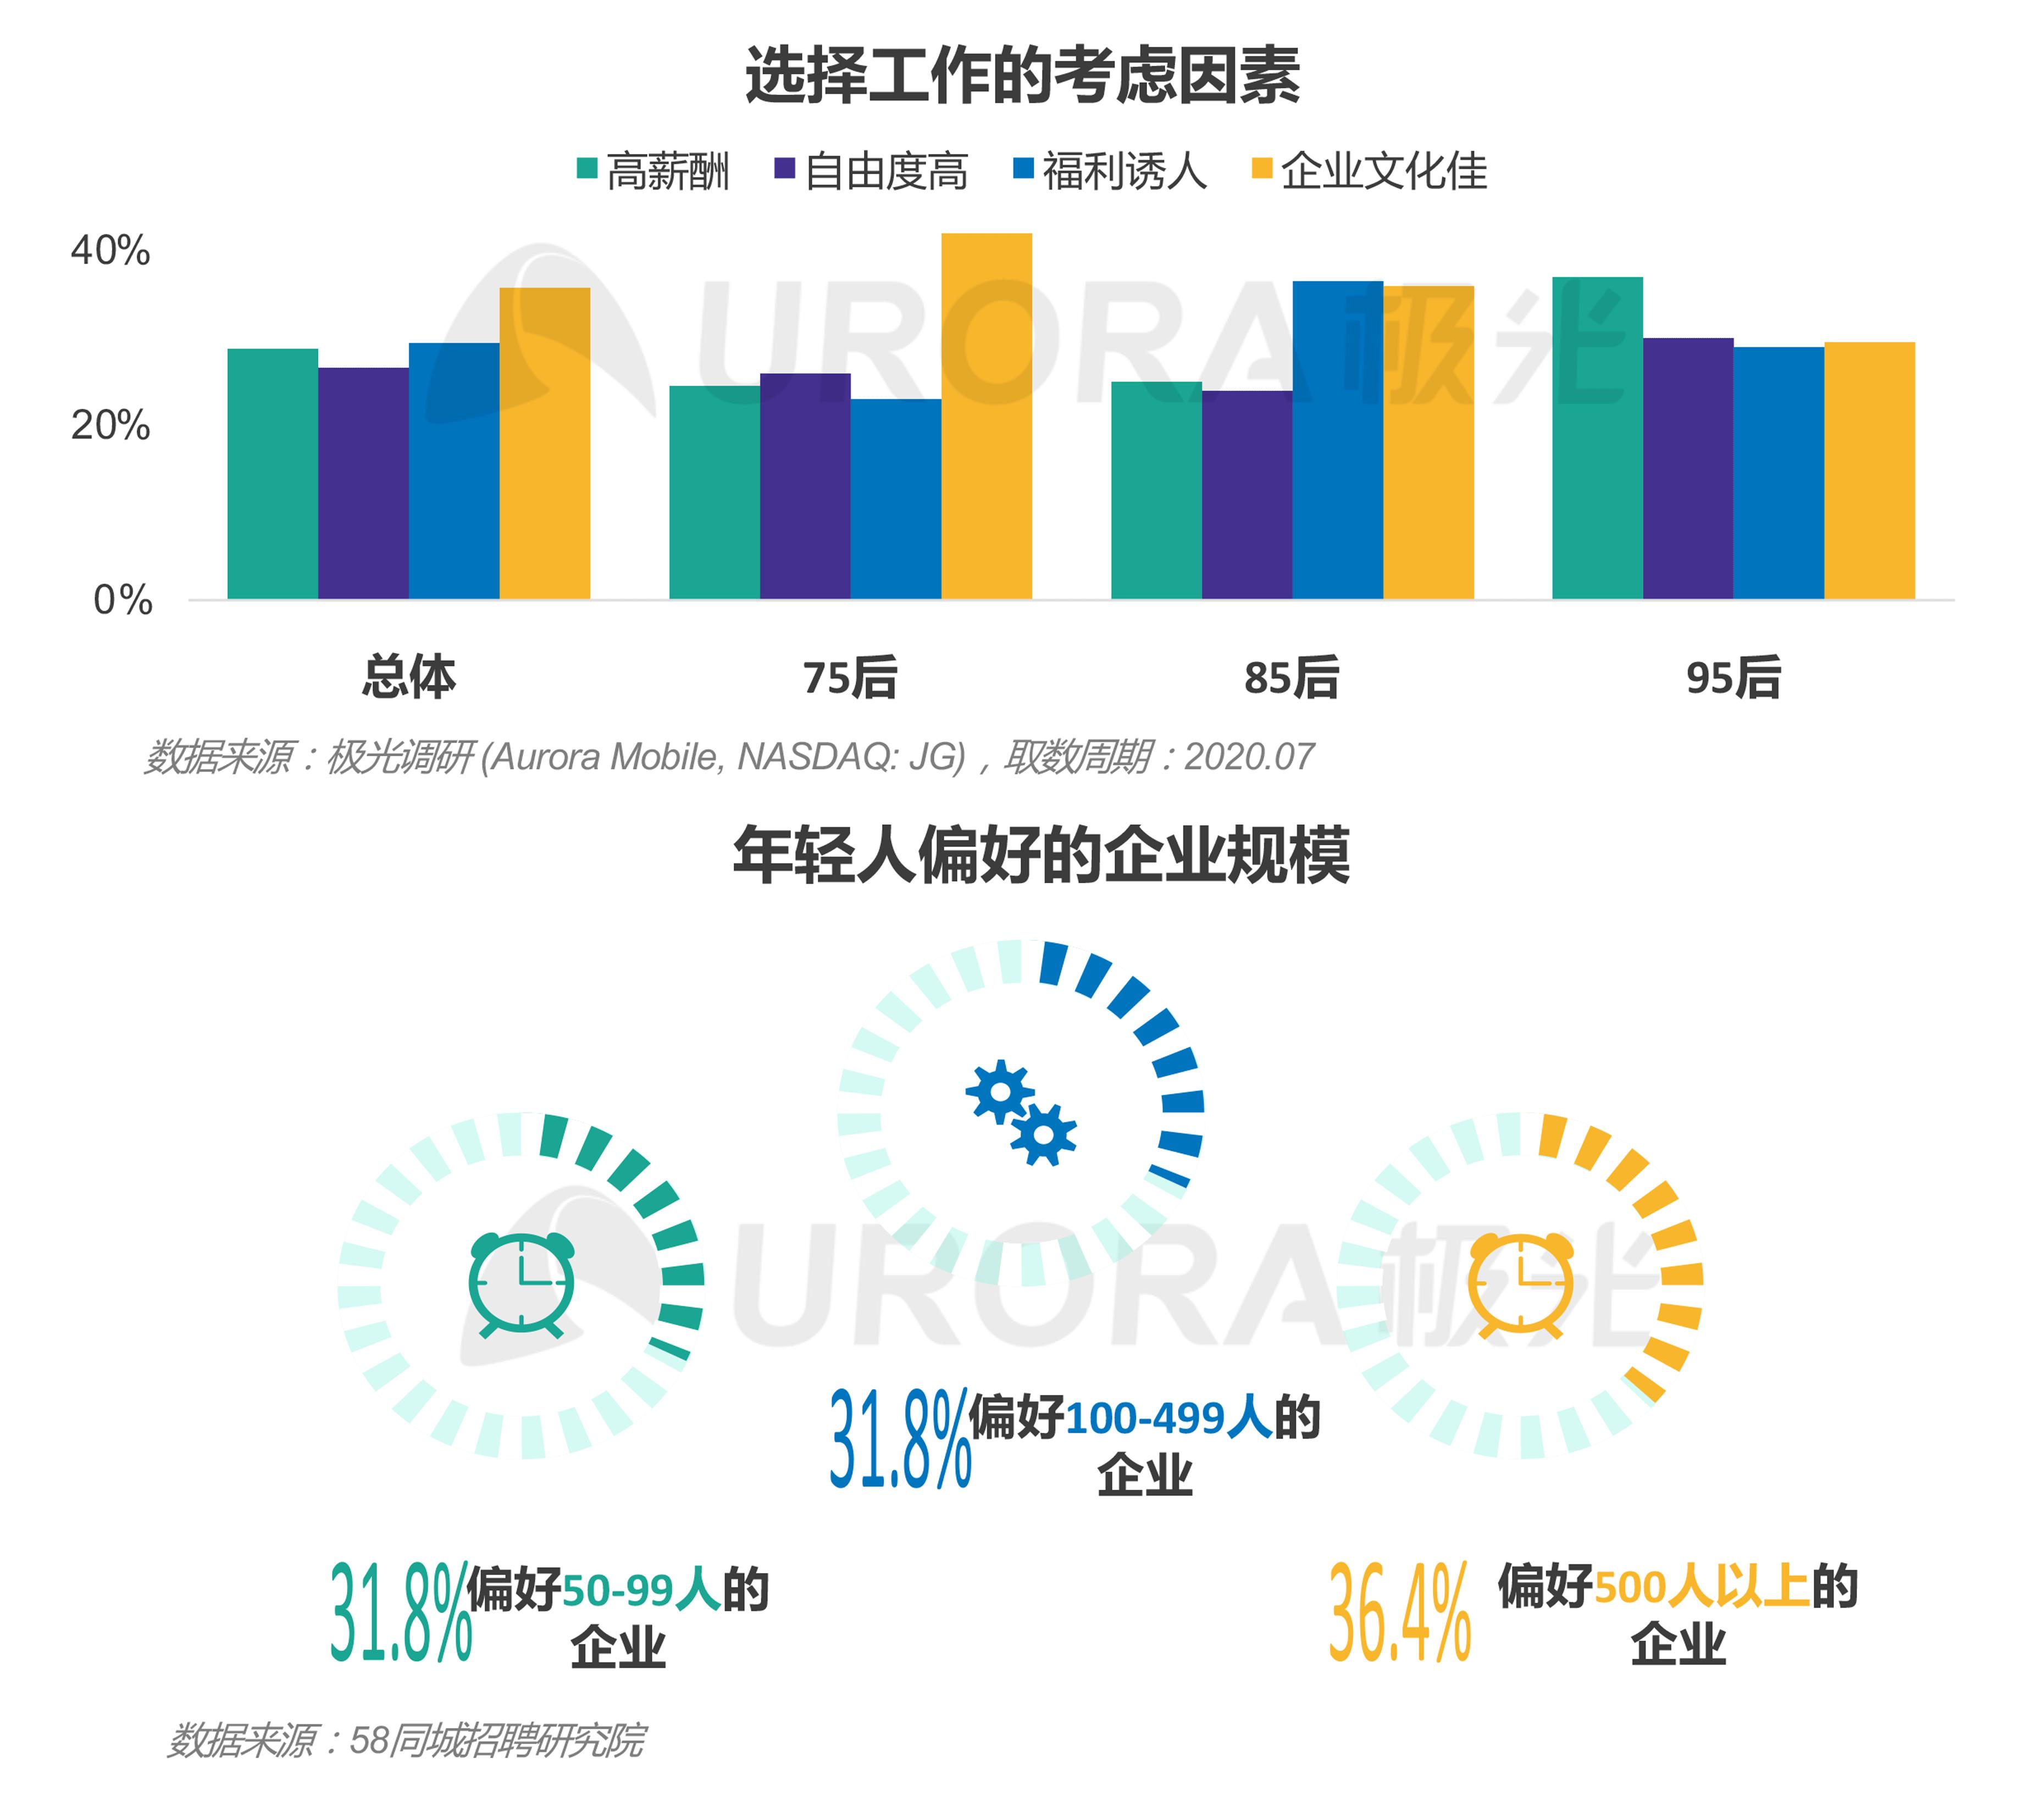 """""""超职季""""招聘行业报告-汇总版 (24).png"""